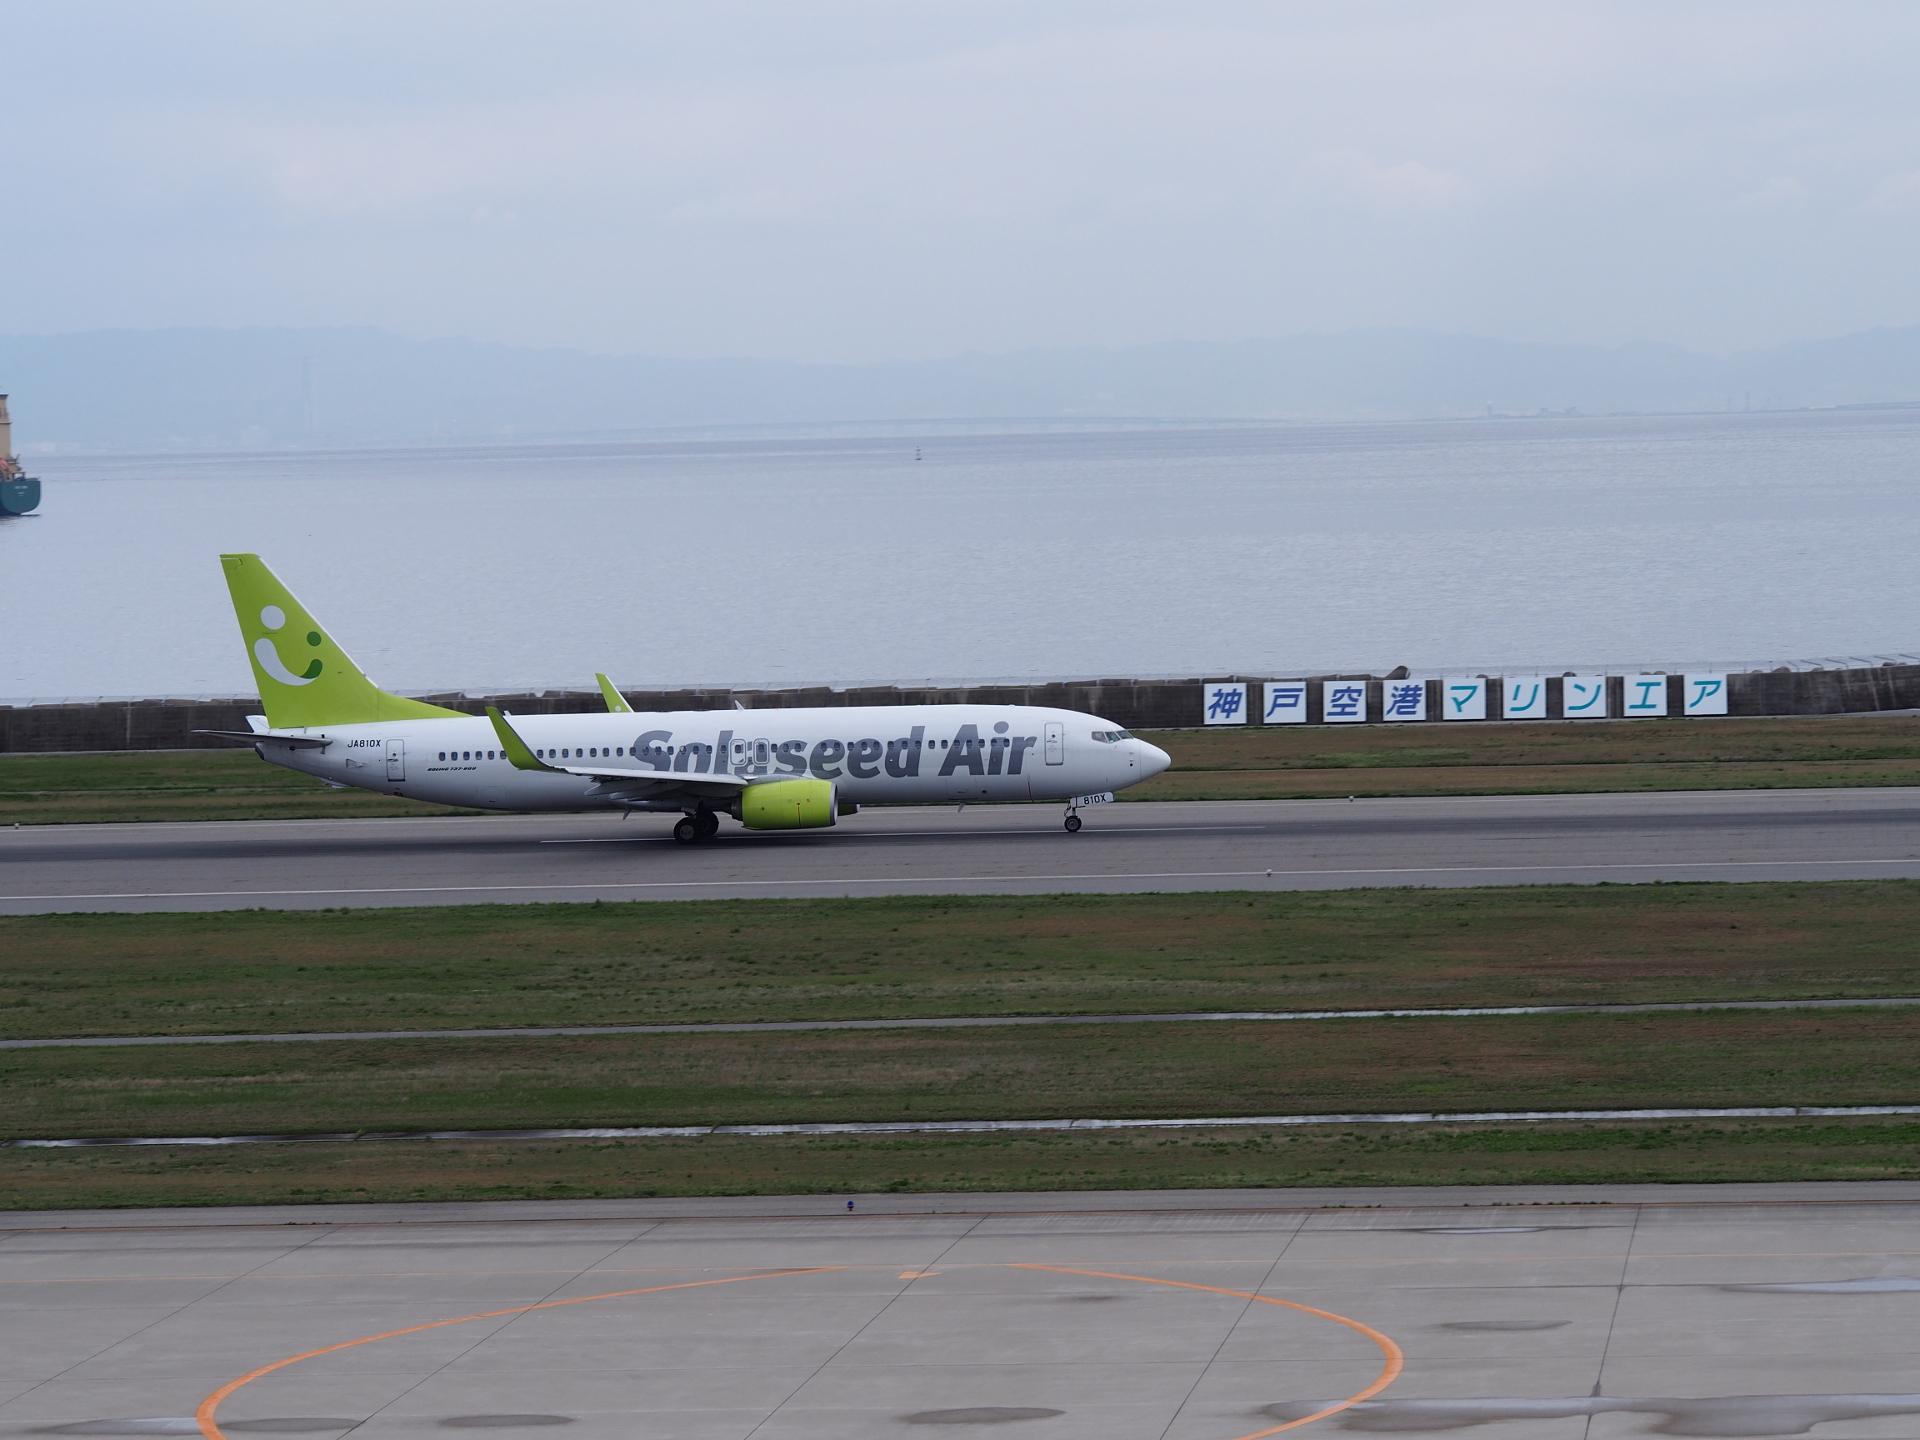 RWY27で離陸するソラシド・エア機です。